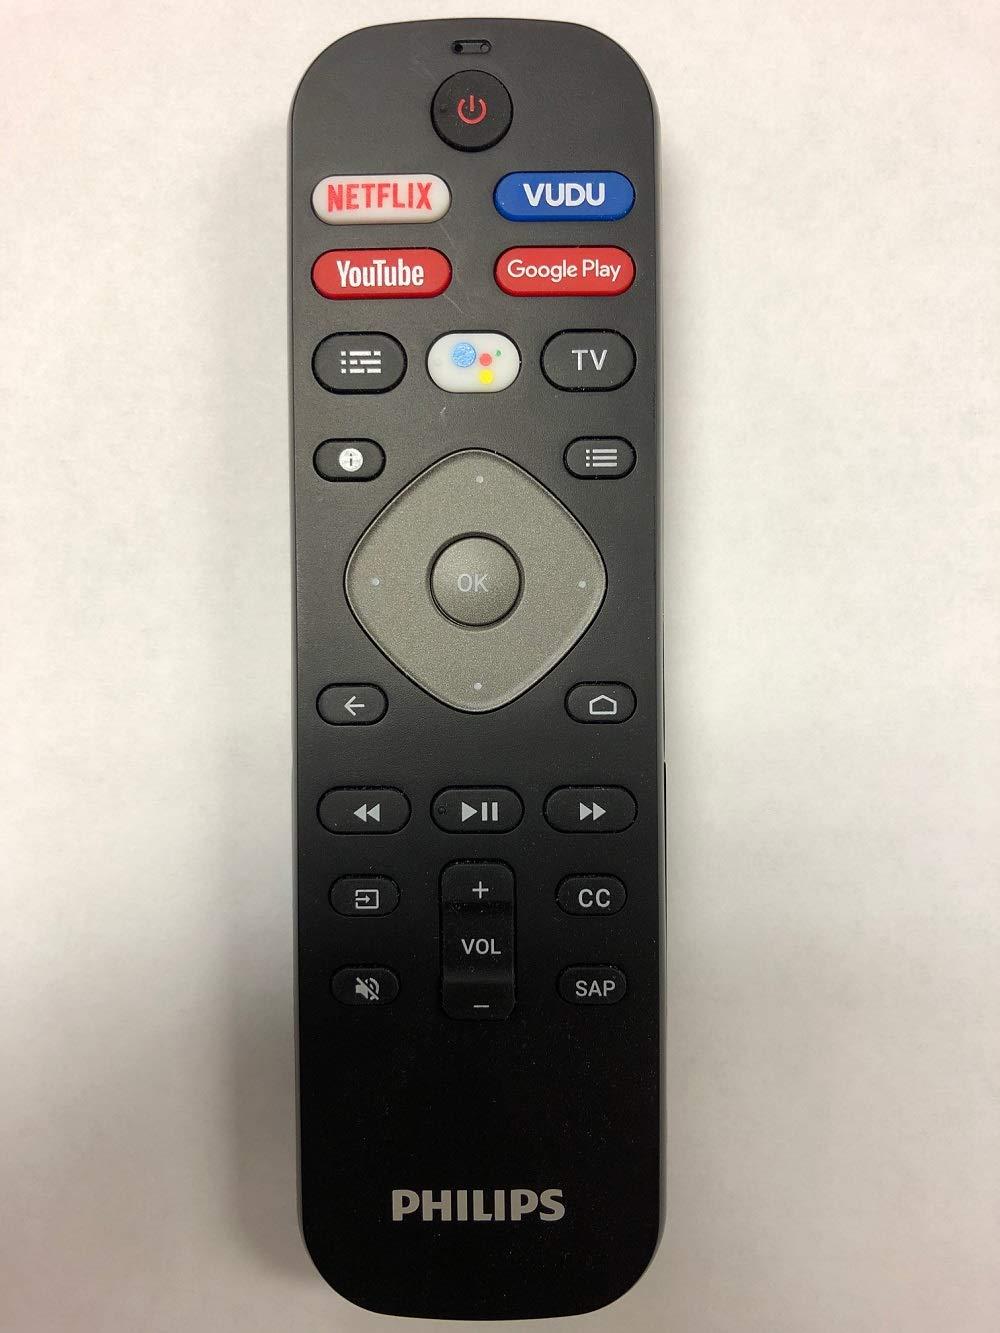 50PFL5704//F7 65PFL5504//F7 43PFL5704//F7 65PFL5604//F7 Philips NH800UP Android TV Remote /& Google Voice Assistance 43PFL5604//F7 65PFL5704//F7 50PFL5604//F7 55PFL5604//F7 55PFL5704//F7